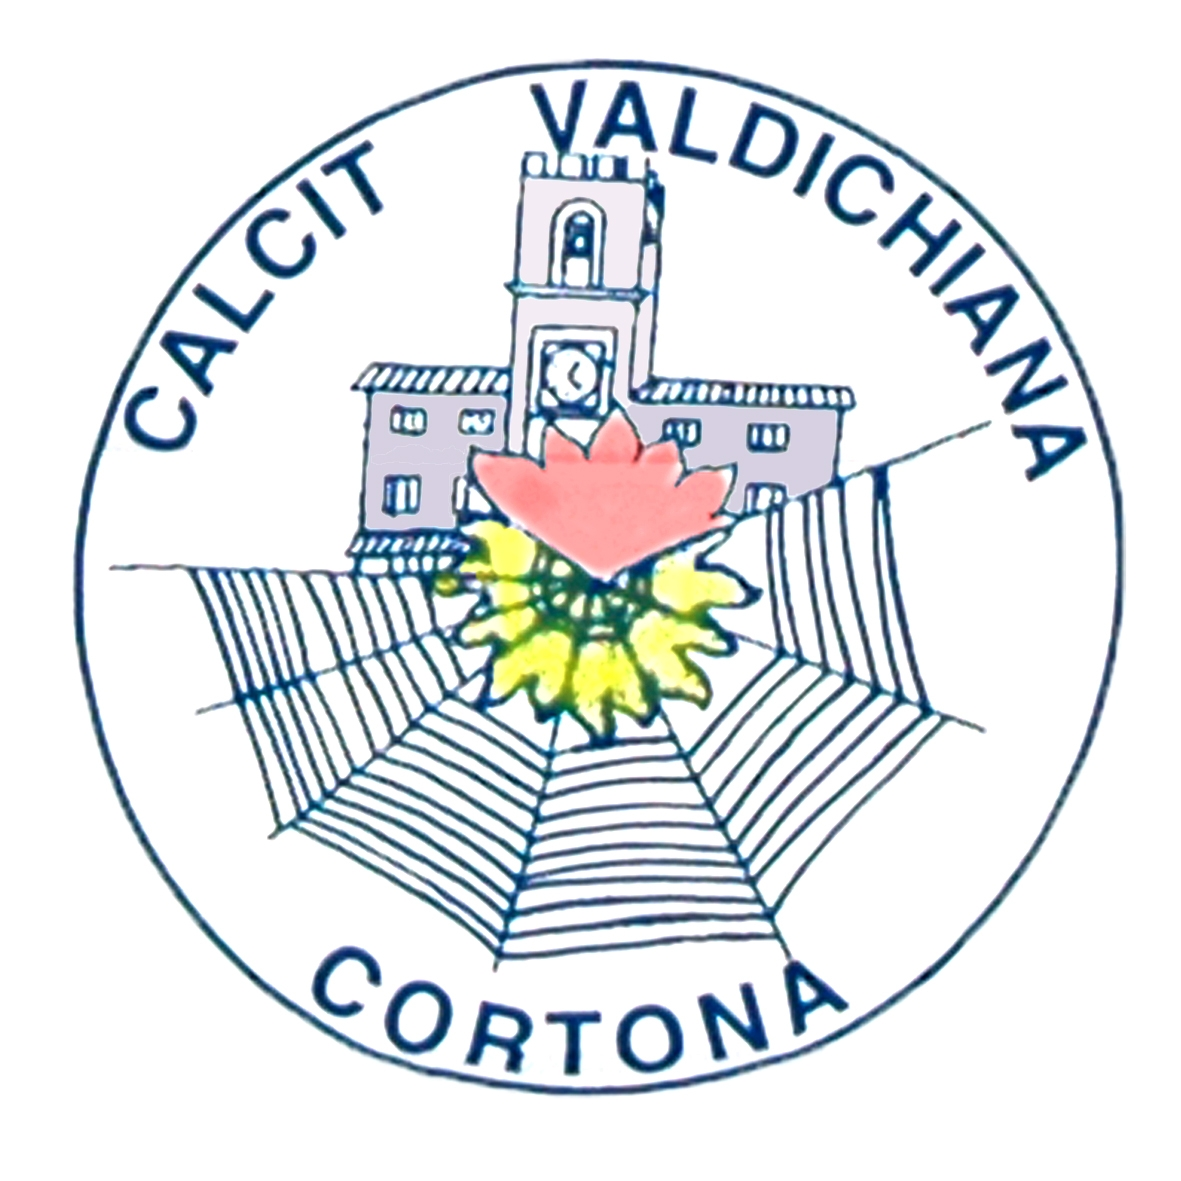 Calcit Cortona Valdichiana: l'esito dell'assemblea ordinaria degli iscritti